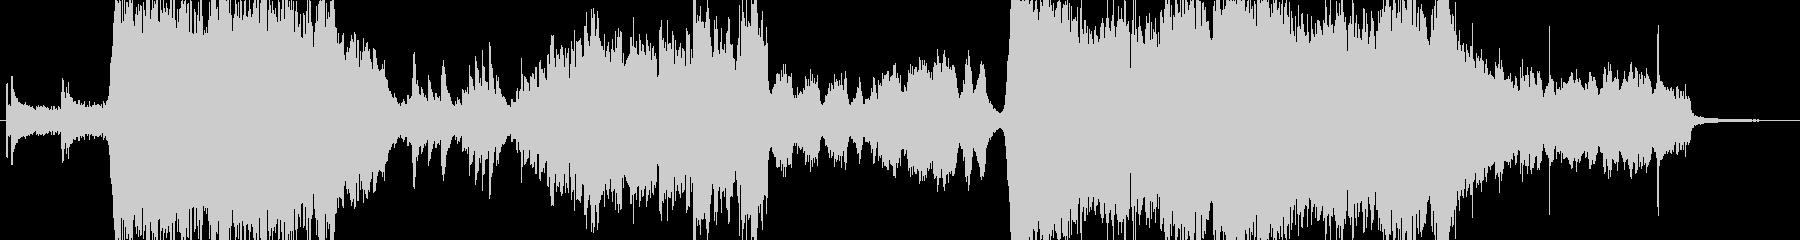 映画のメインテーマのようなオーケストラ曲の未再生の波形